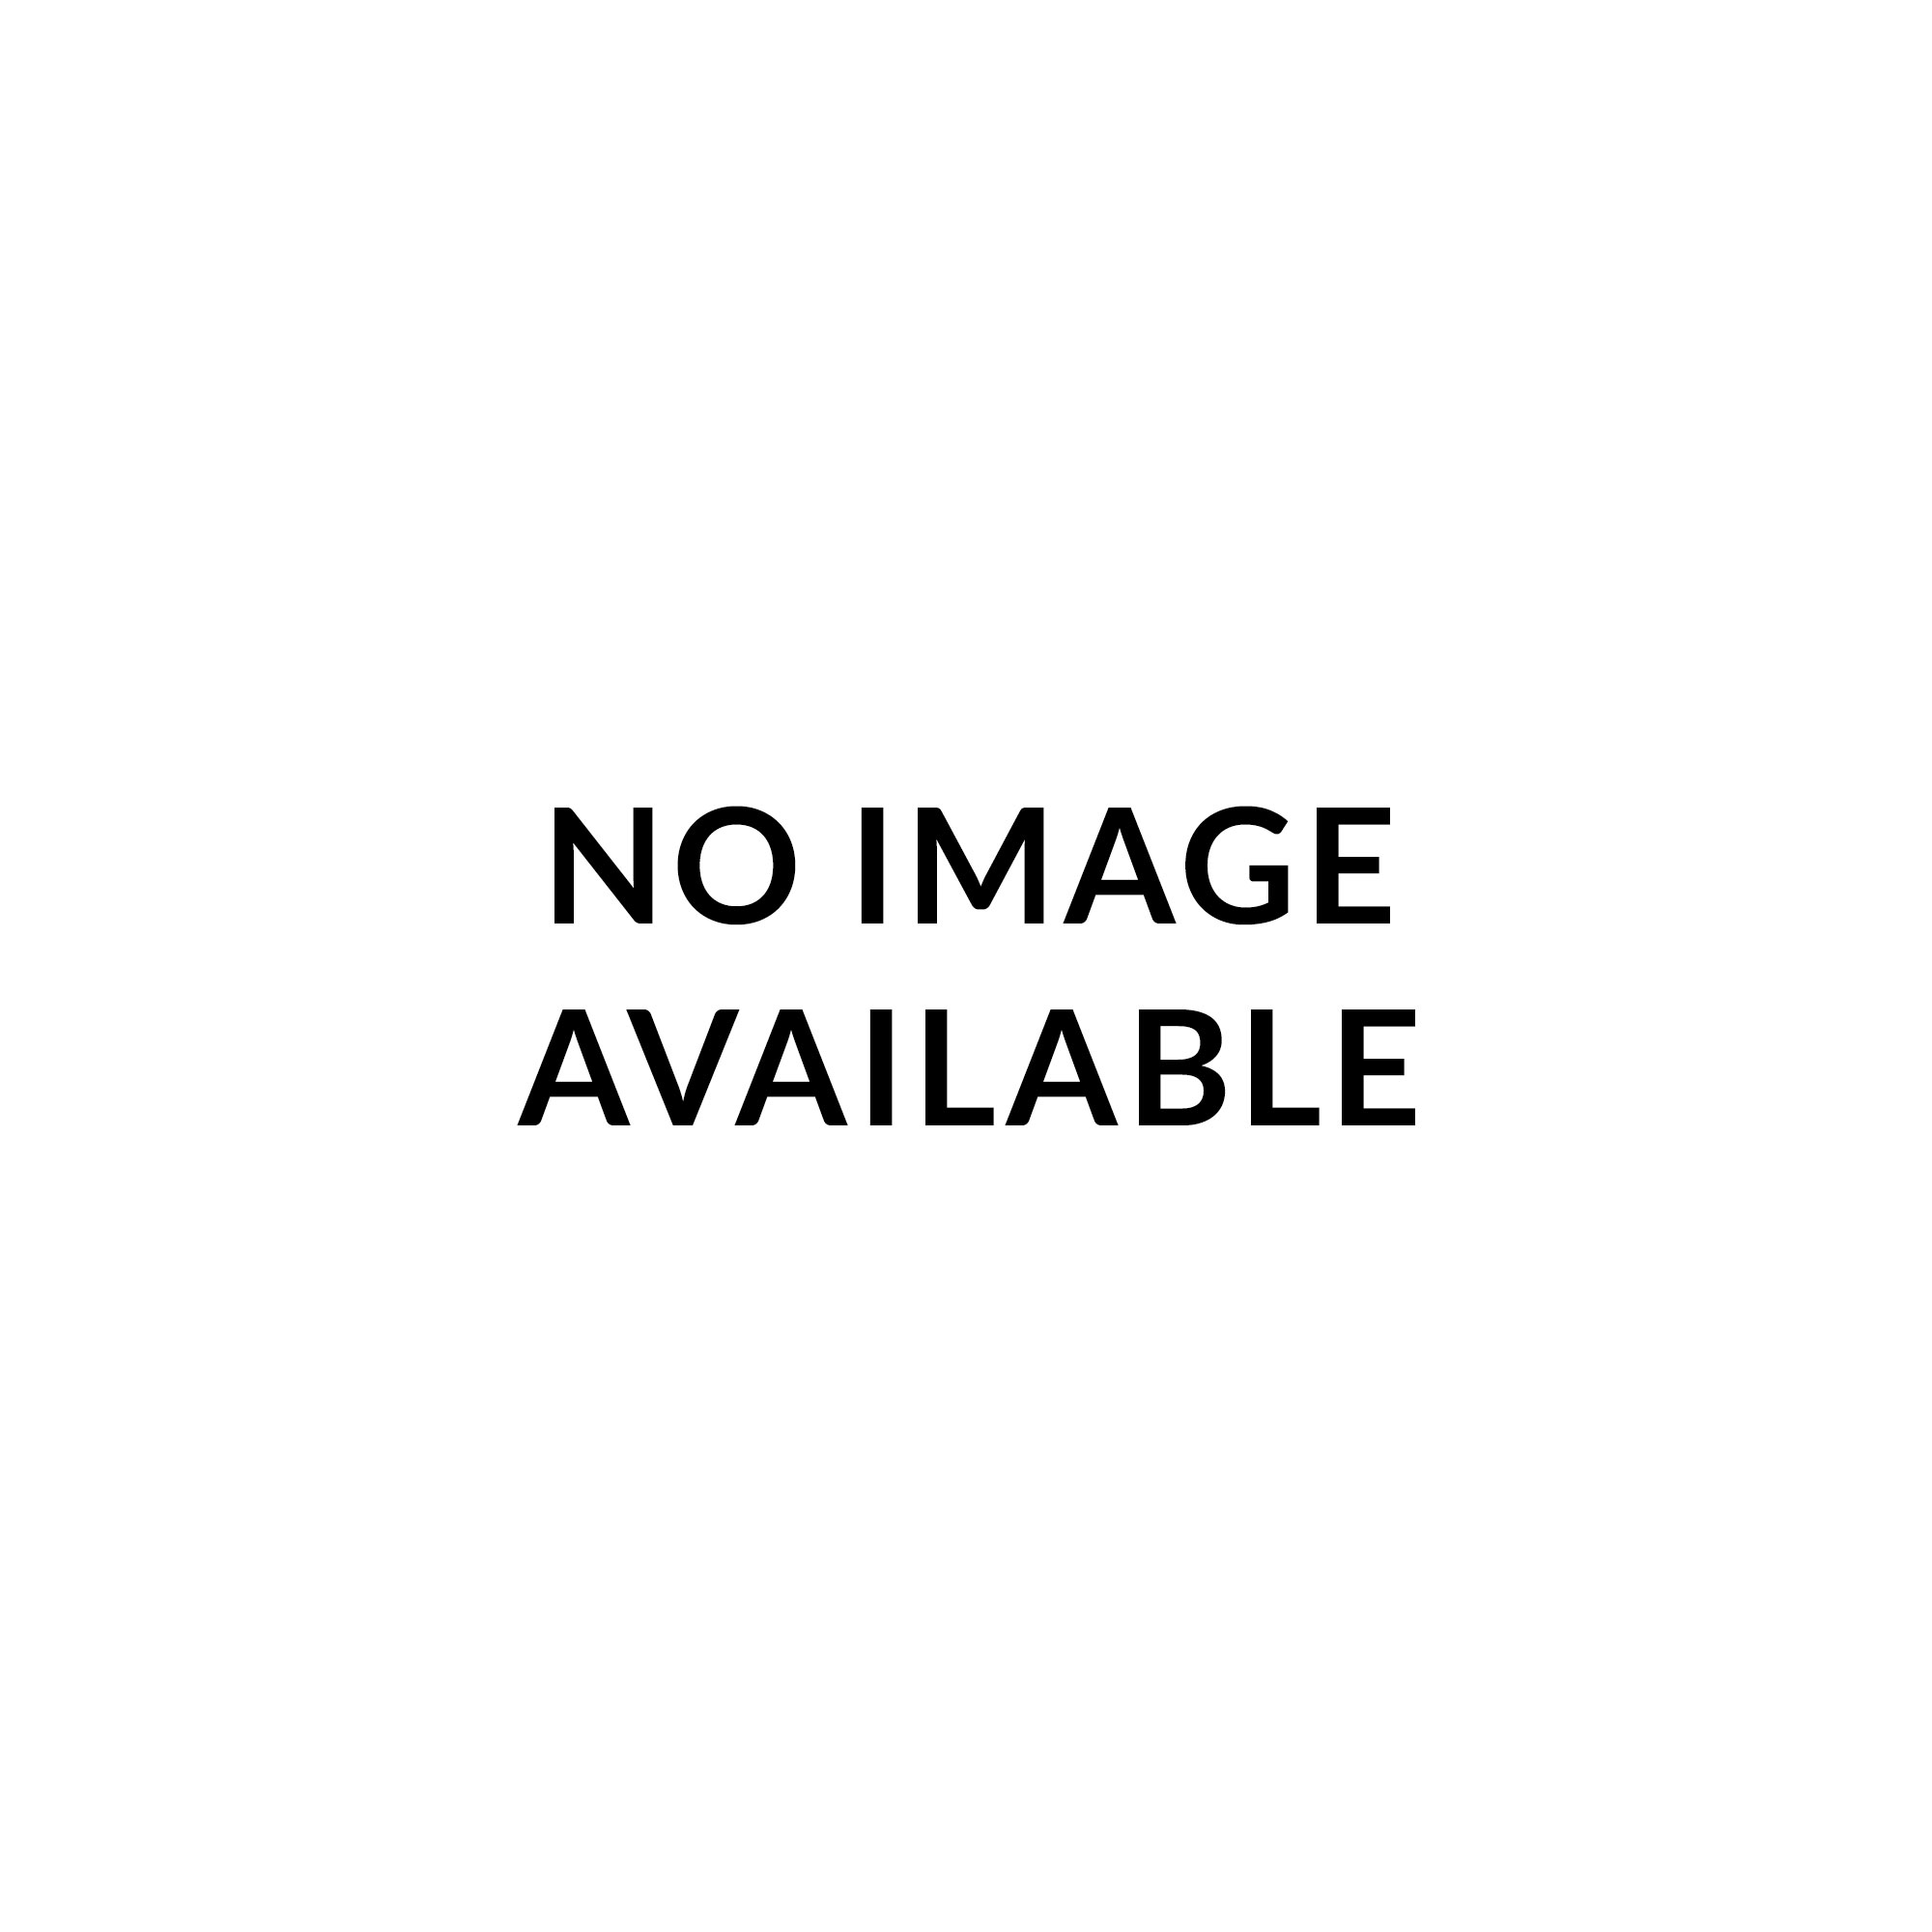 Legacy Tru-Tone Phosphor Bronze Acoustic Guitar Strings 11-52 Pack of 3